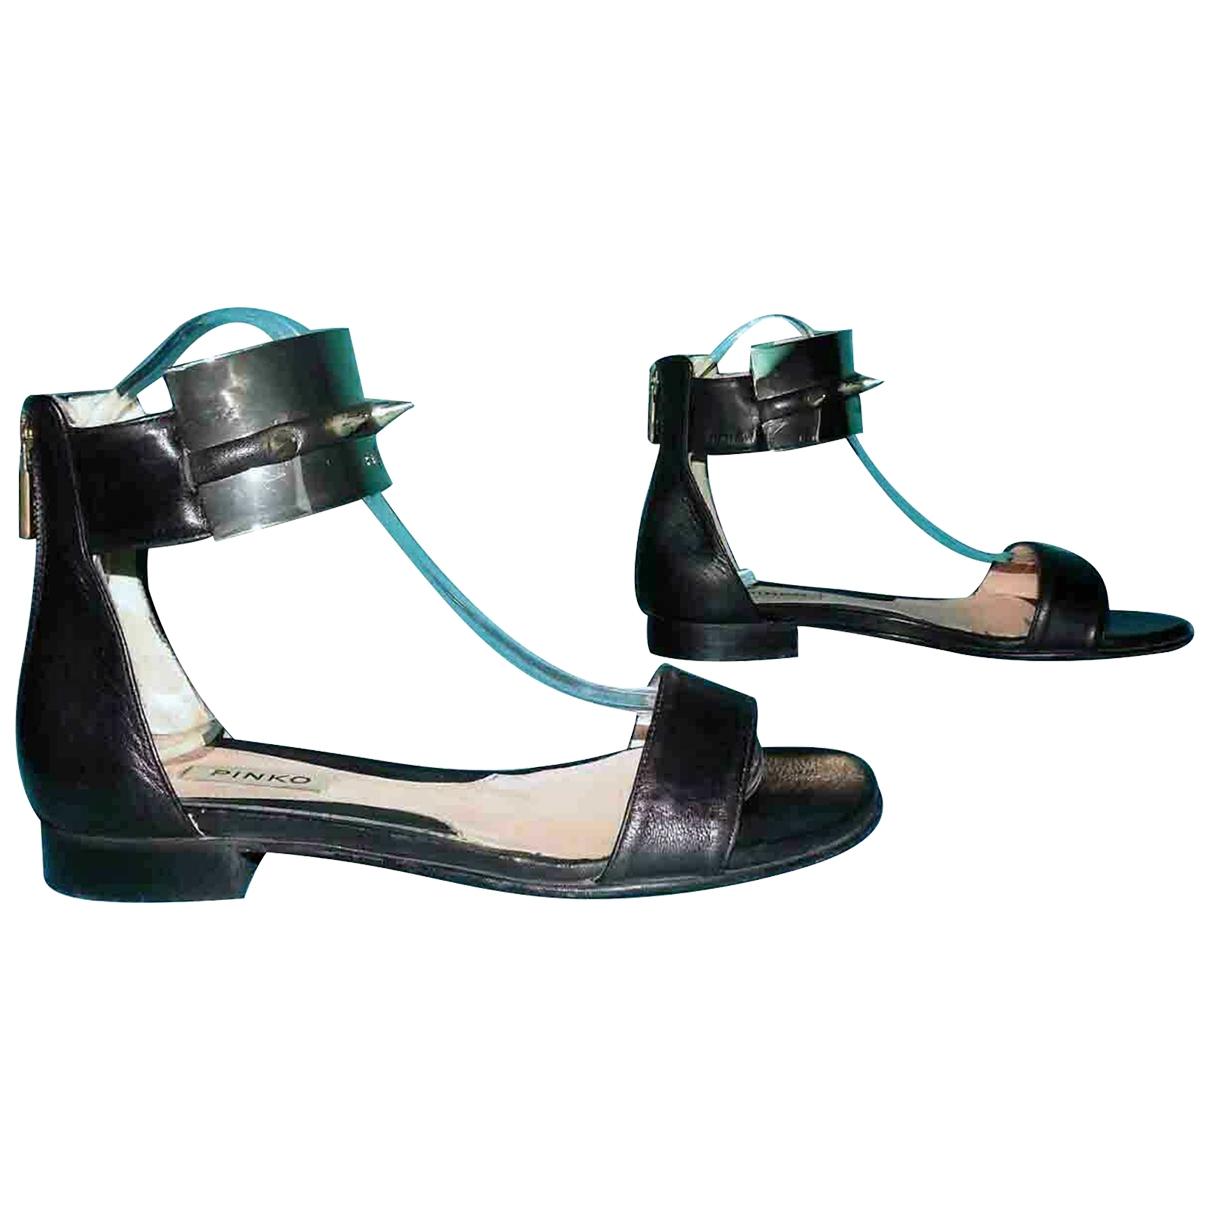 Pinko - Sandales   pour femme en cuir - noir